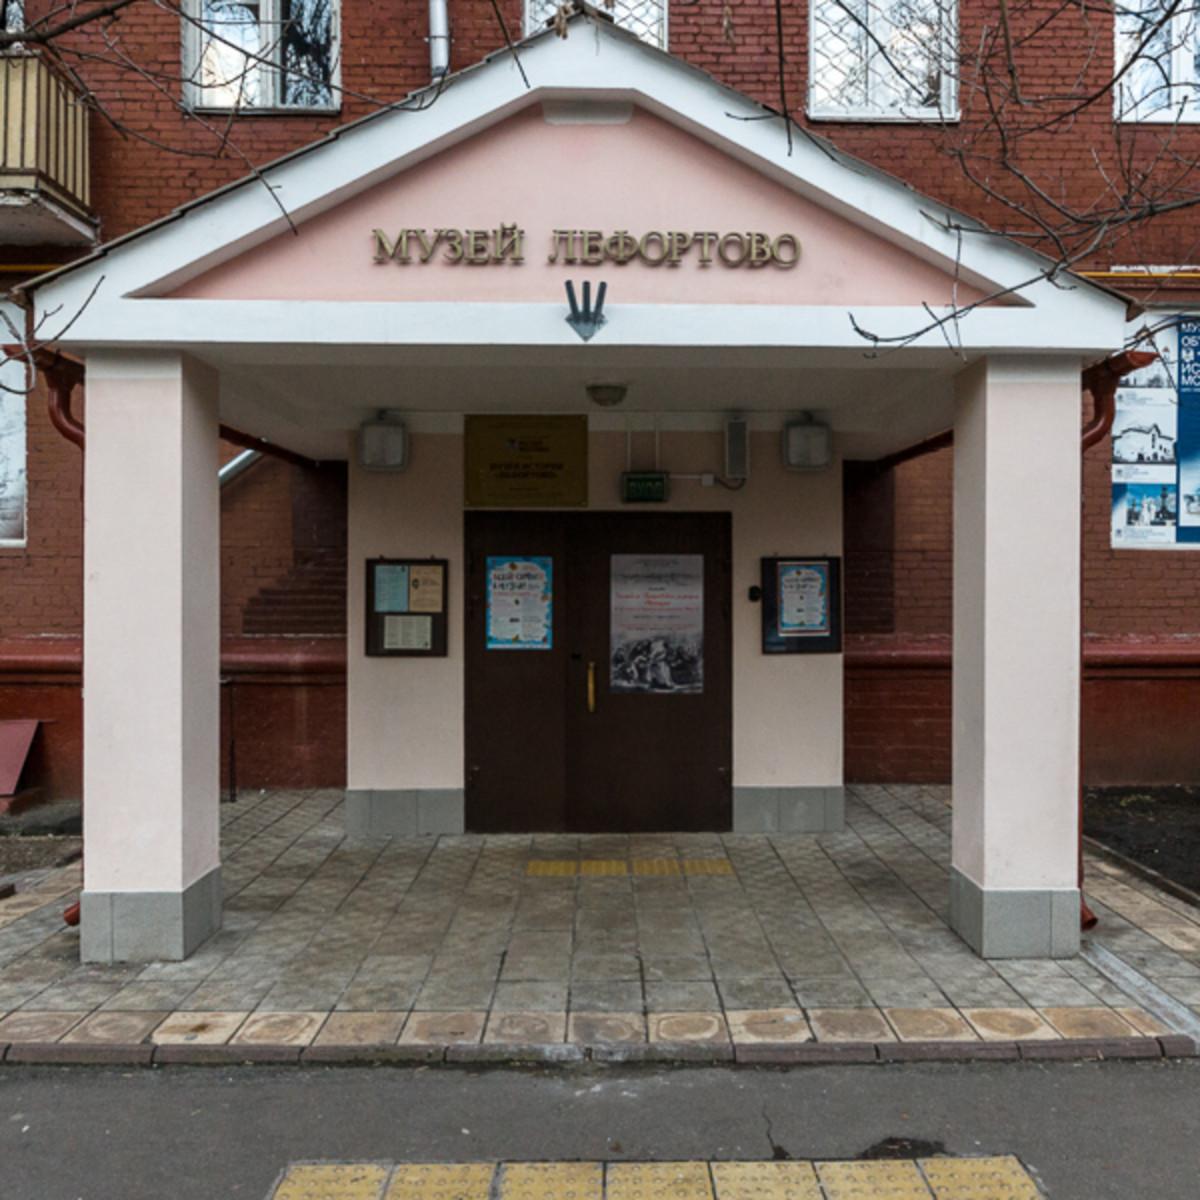 Фото: Музей истории Лефортово